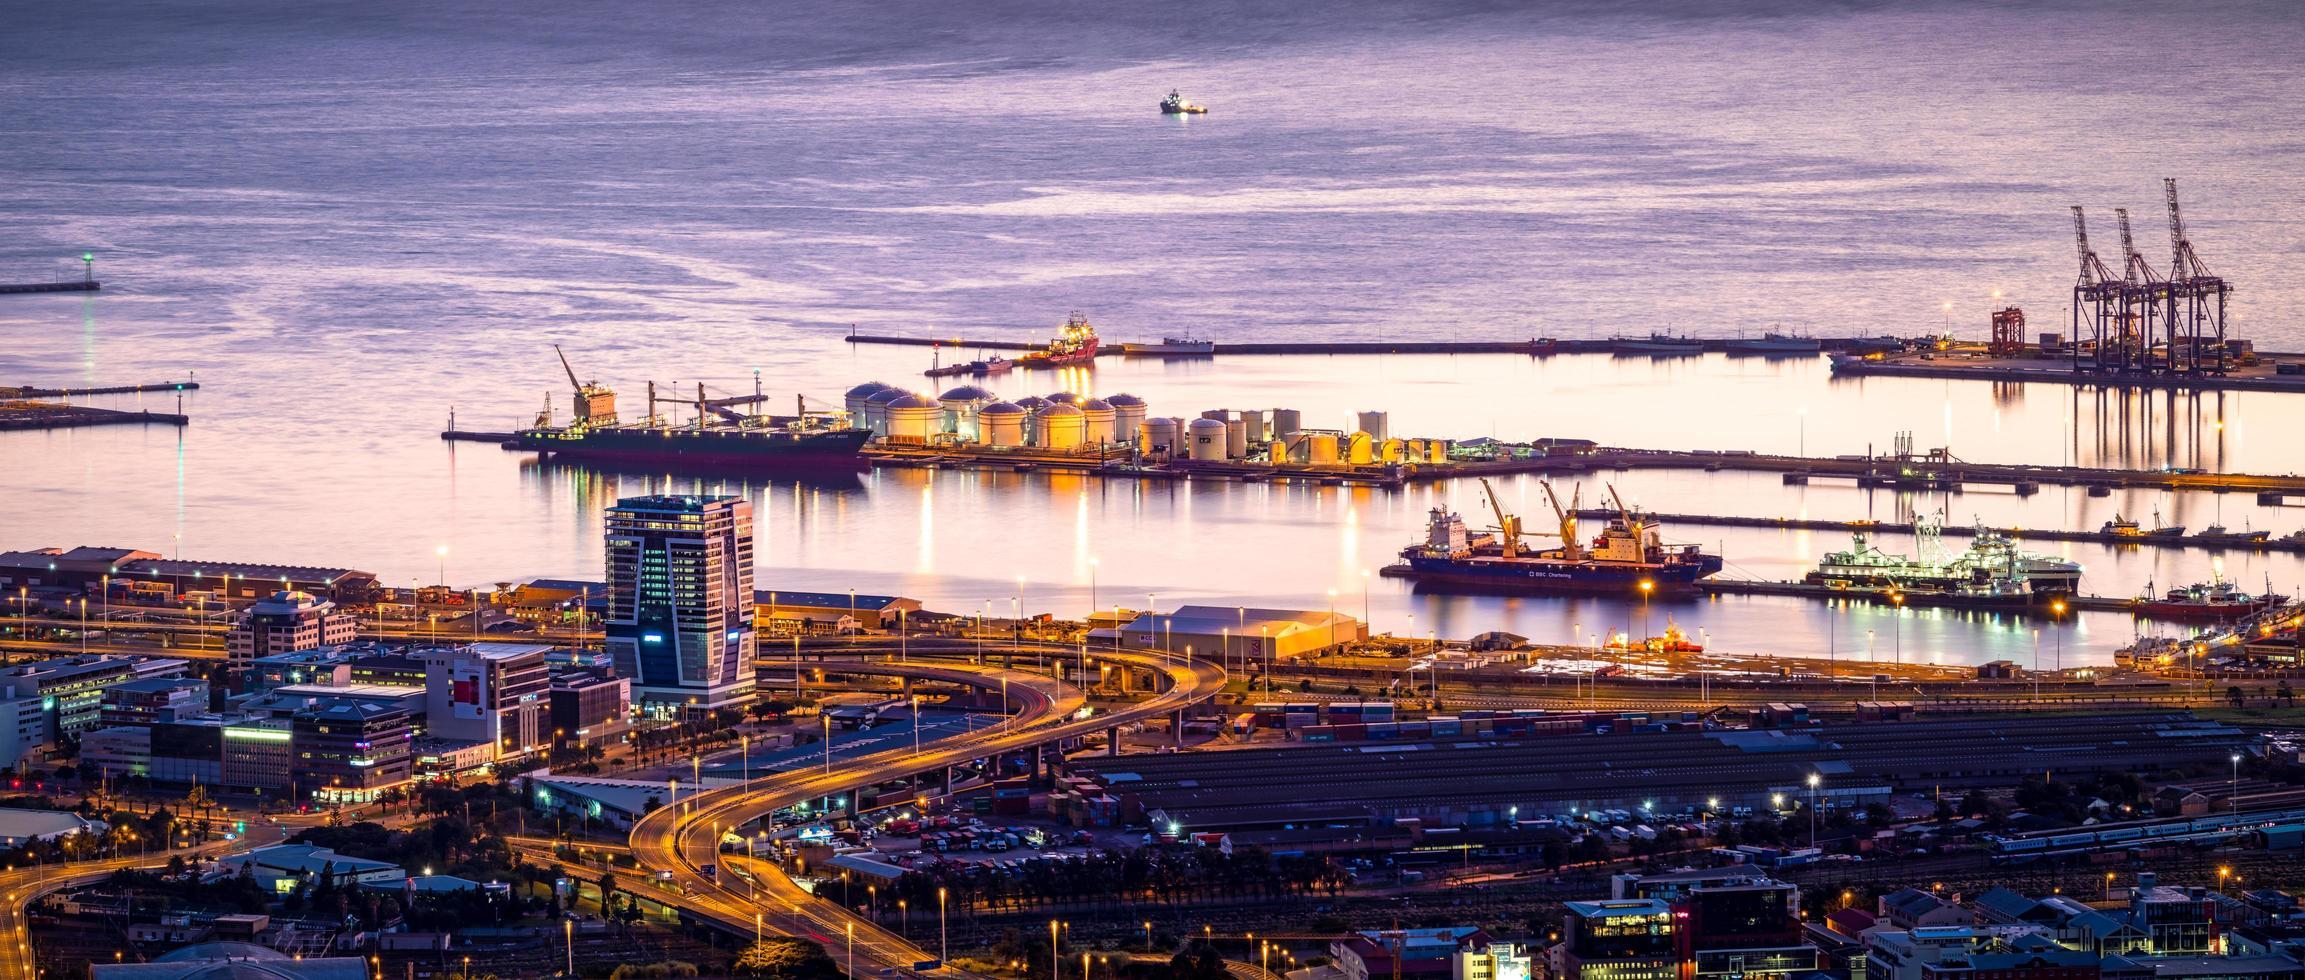 vista a volo d'uccello della città dalla baia foto